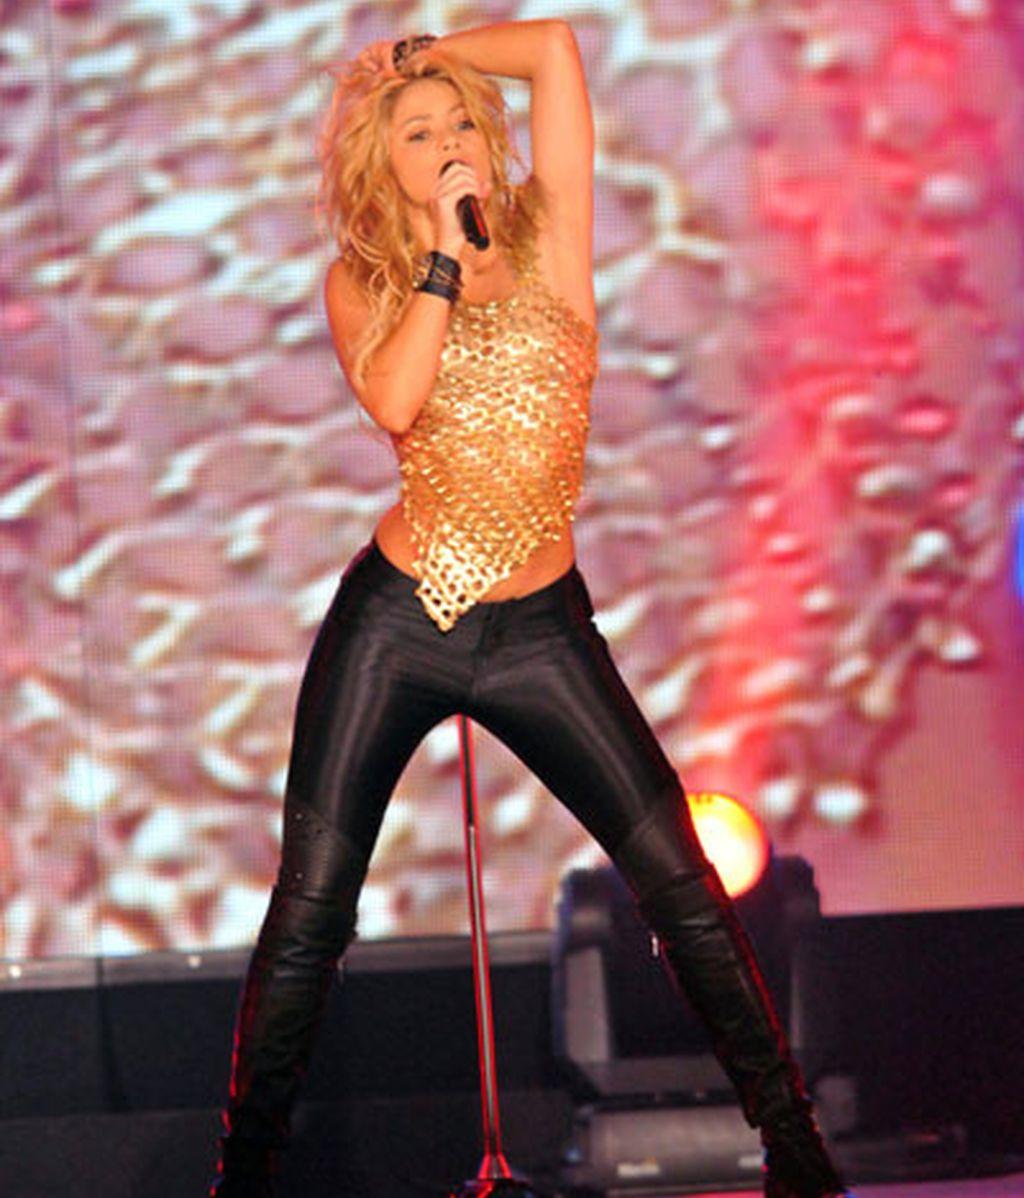 Concierto en Glasgow (Reino Unido) el 19 de diciembre de 2010